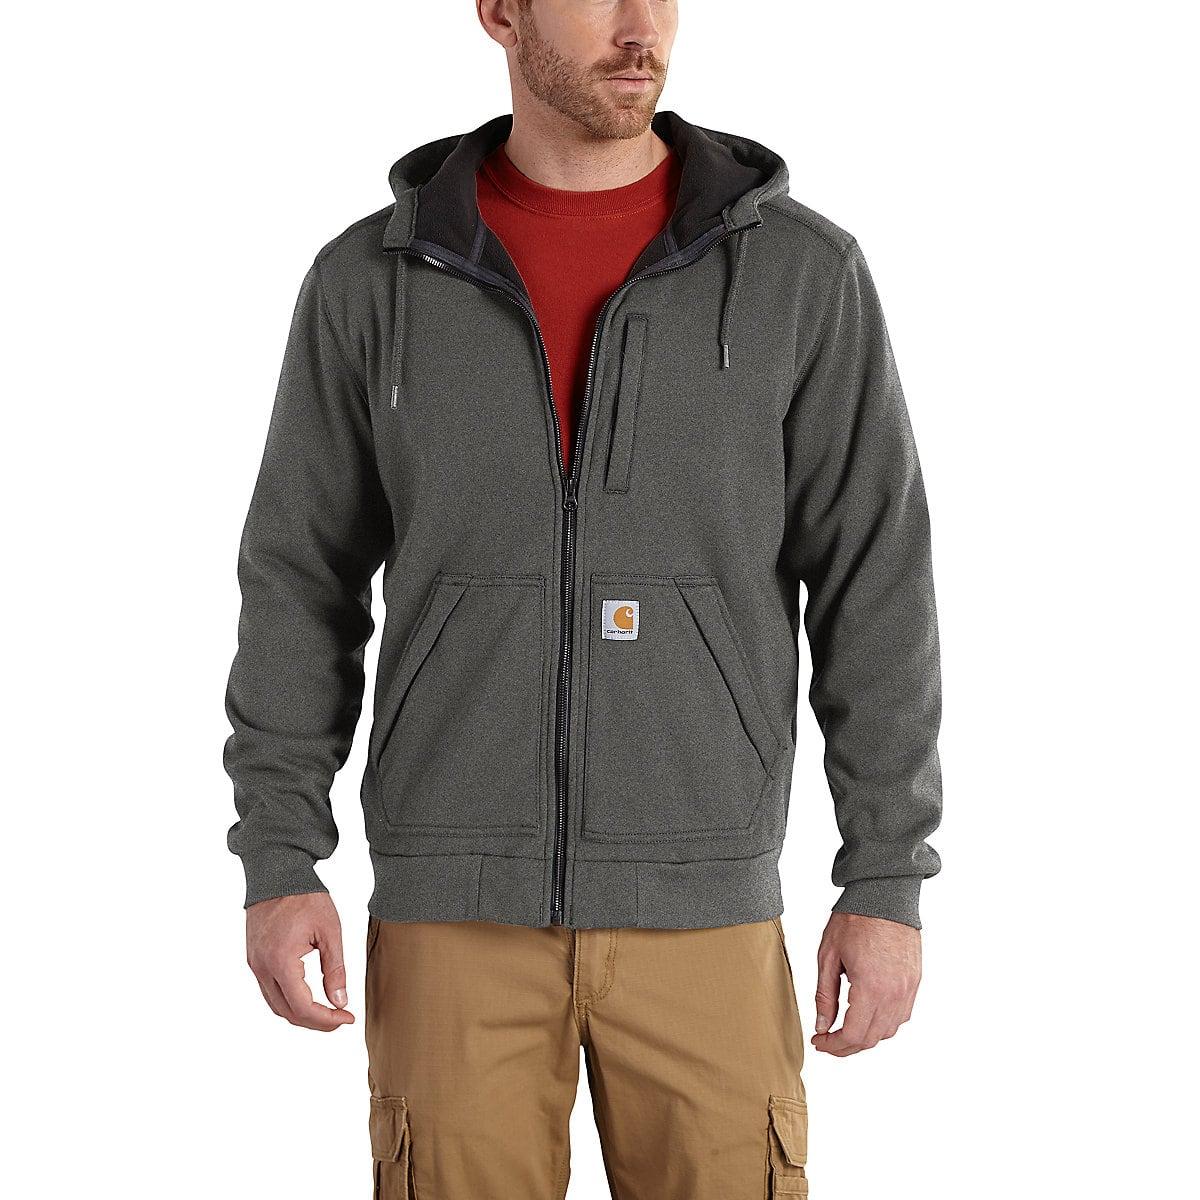 77380f5c5 Men's Wind Fighter™ Sweatshirt 101759 | Carhartt